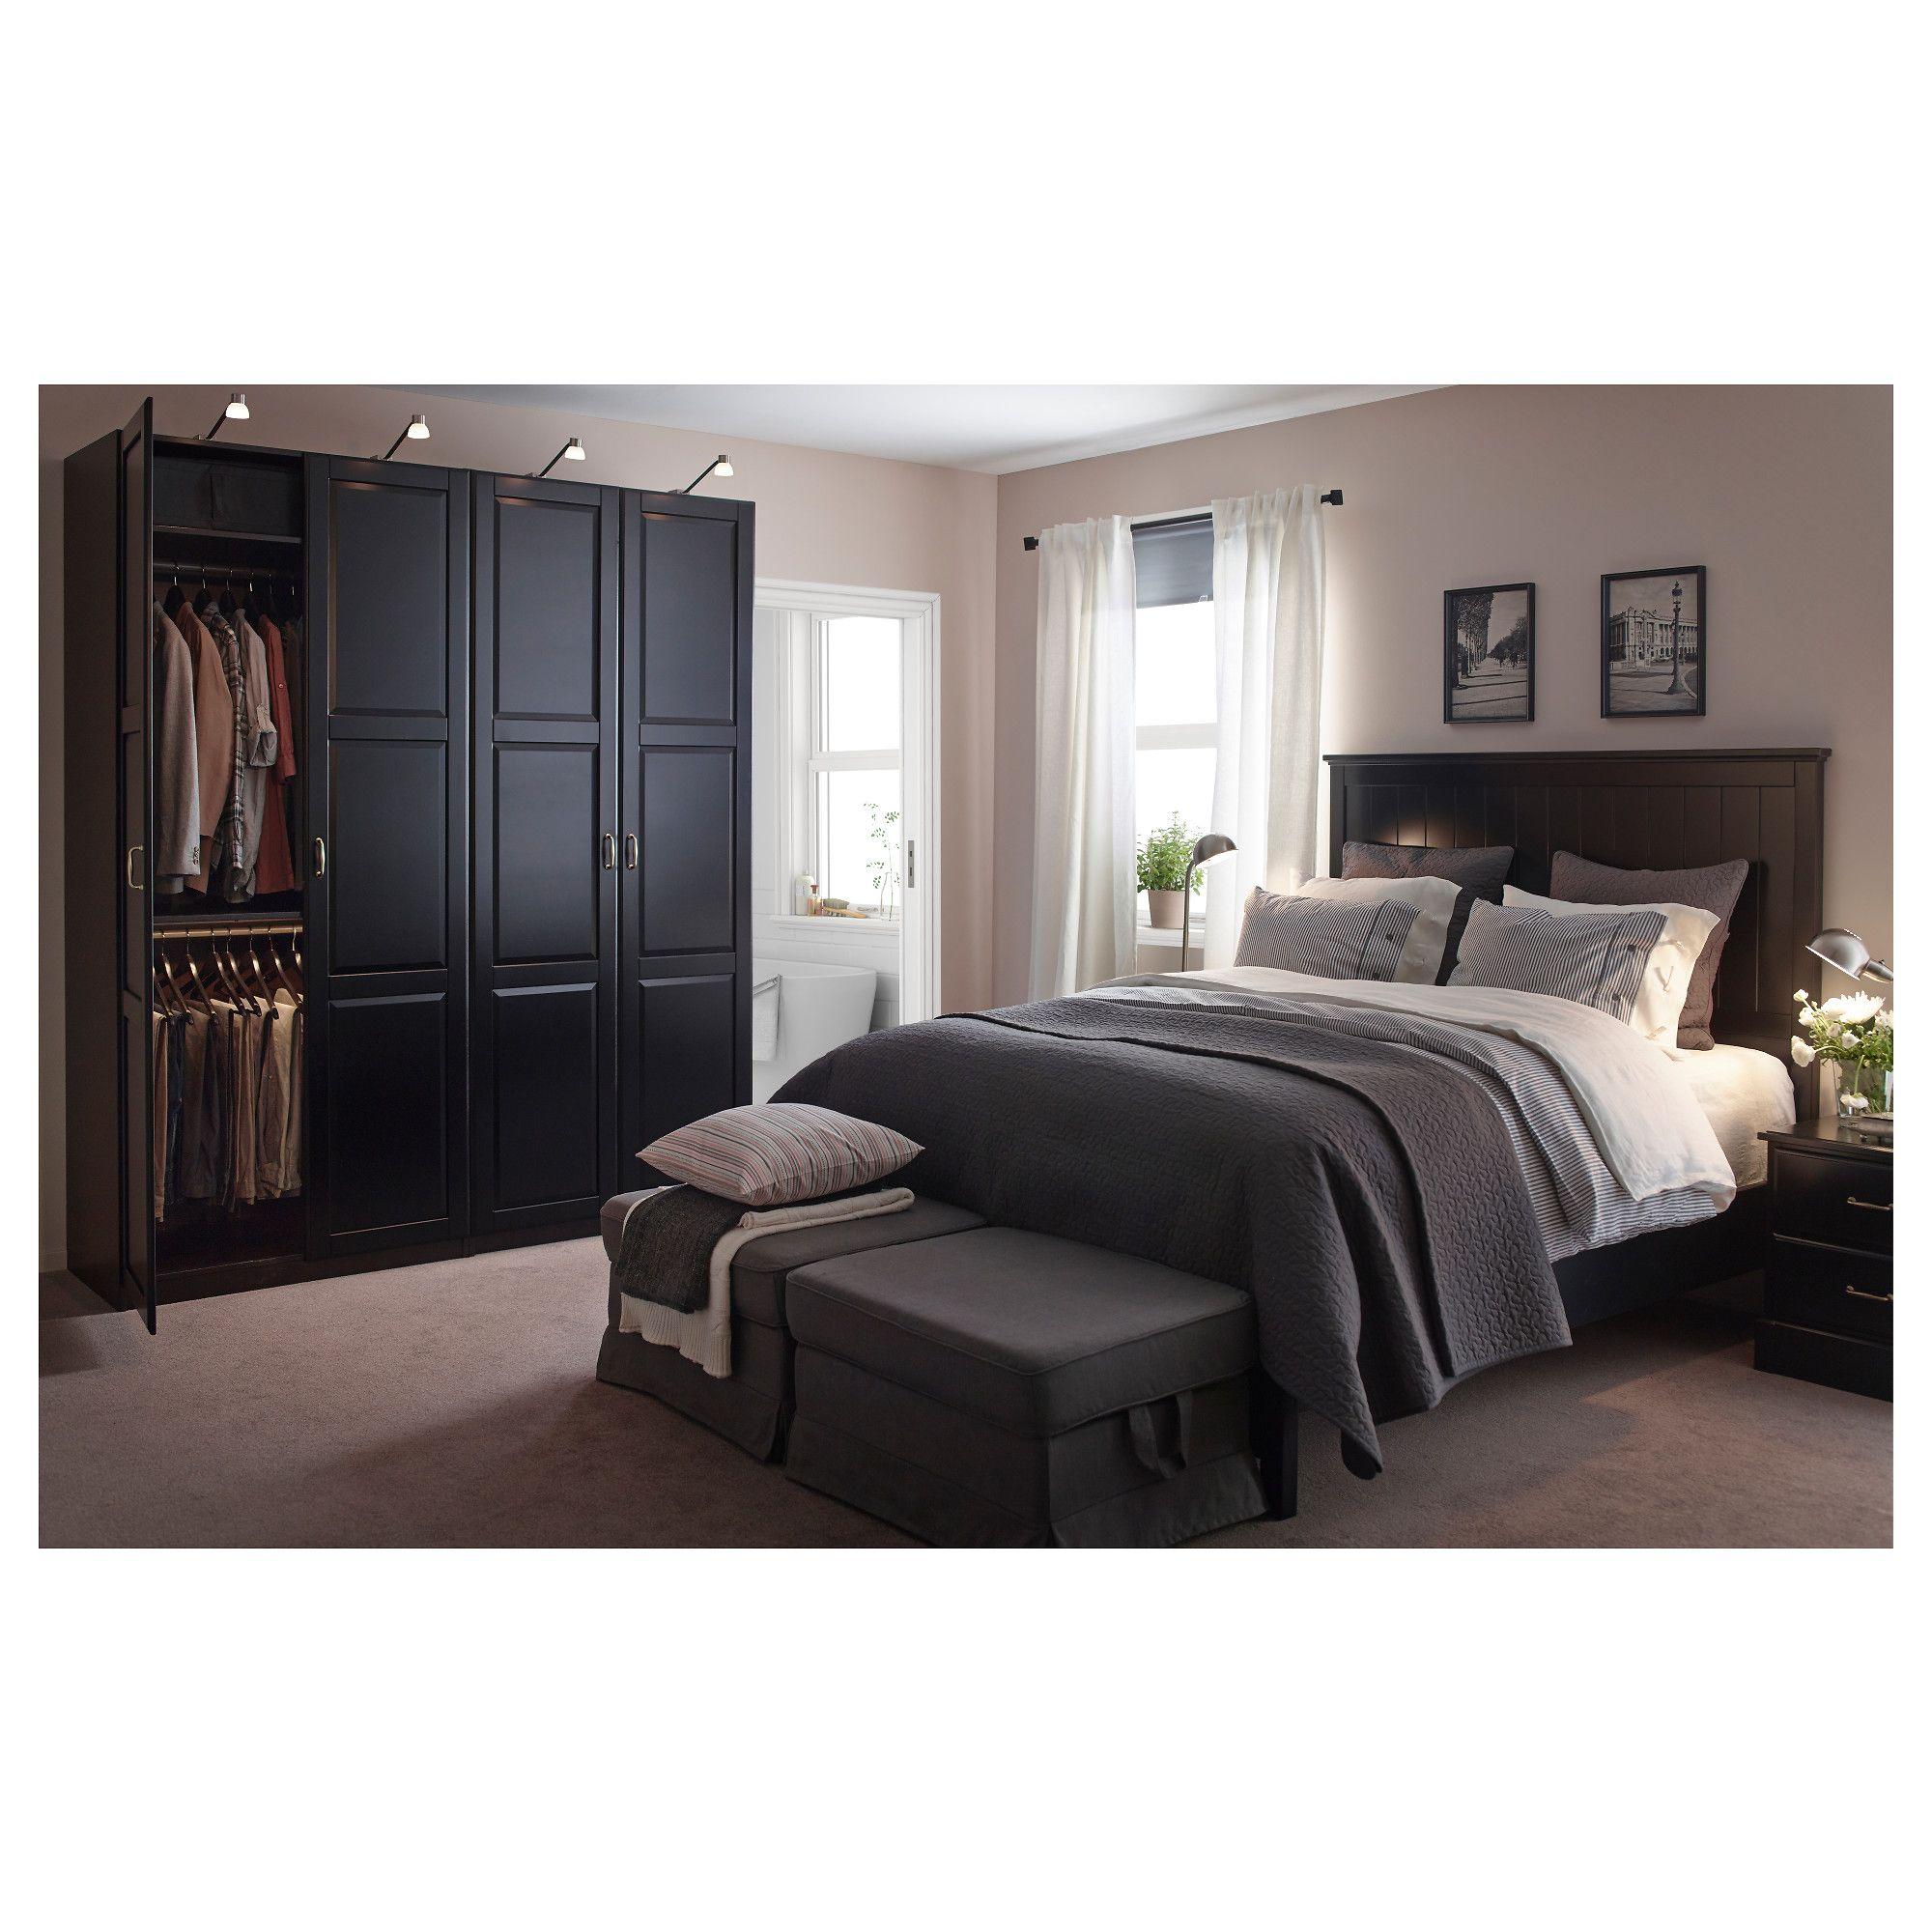 UNDREDAL Bed frame - Queen, Lönset - IKEA | Casa idee | Pinterest